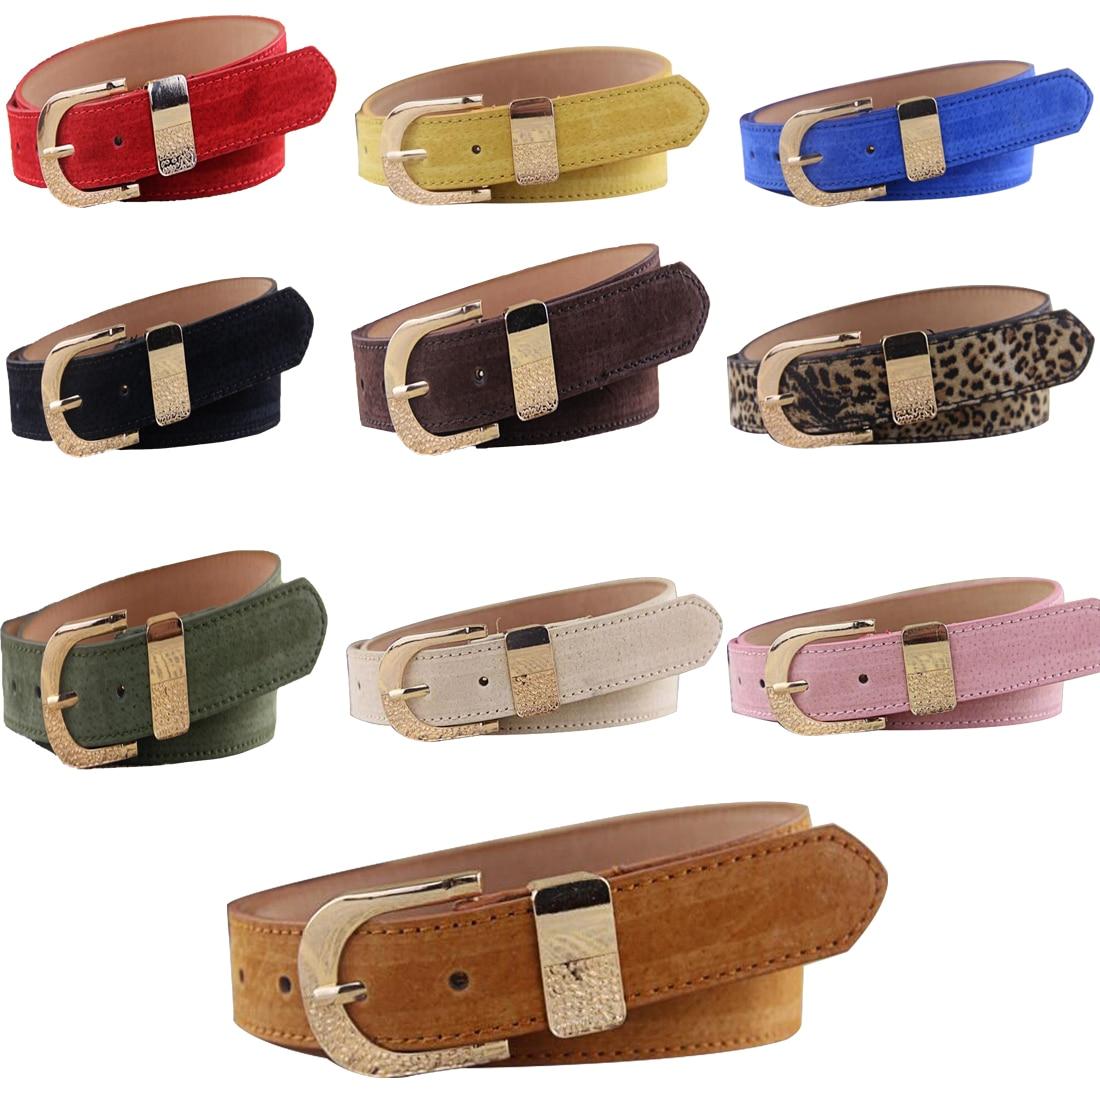 Comfortable Design Pigskin   Belts   Brief   Belts   Adjustable Frosted Solid Women Waist   Belts